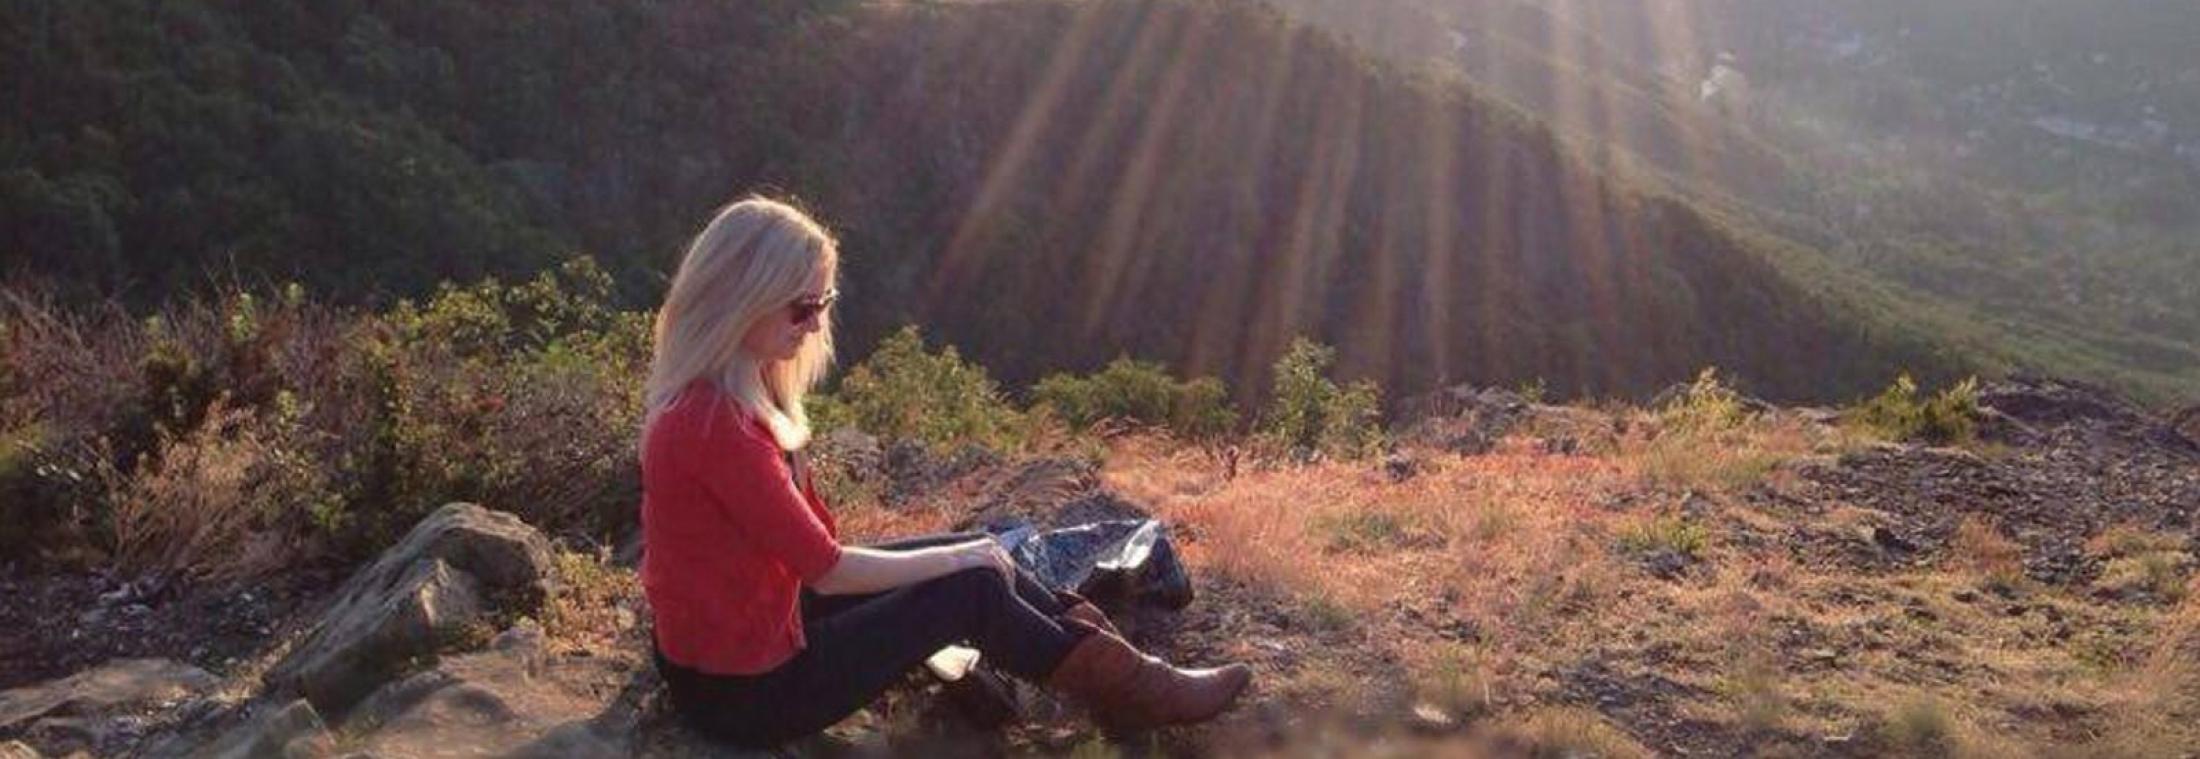 Запознайте се с Ребека от Eat Stay Love Bulgaria